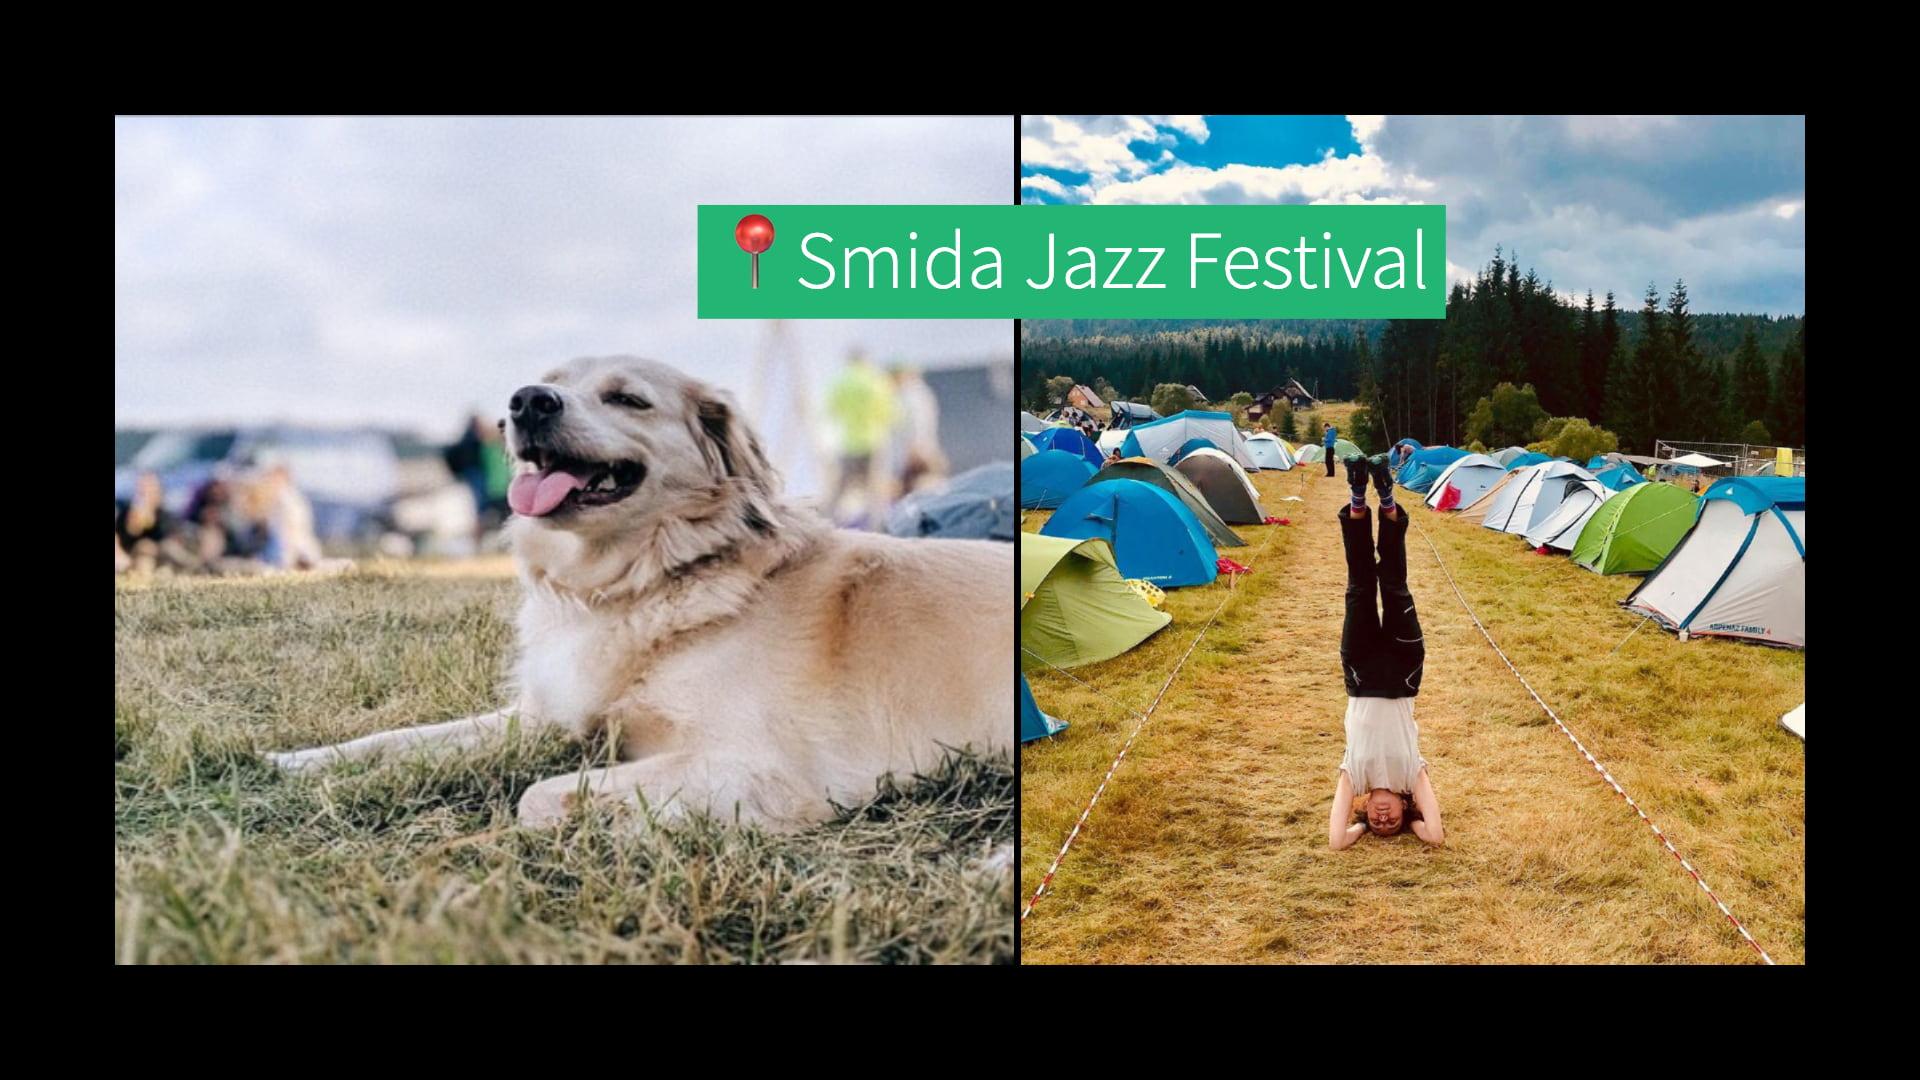 Smida Jazz Festival 2019 în 10 dintre cele mai tari poze postate pe Instagram